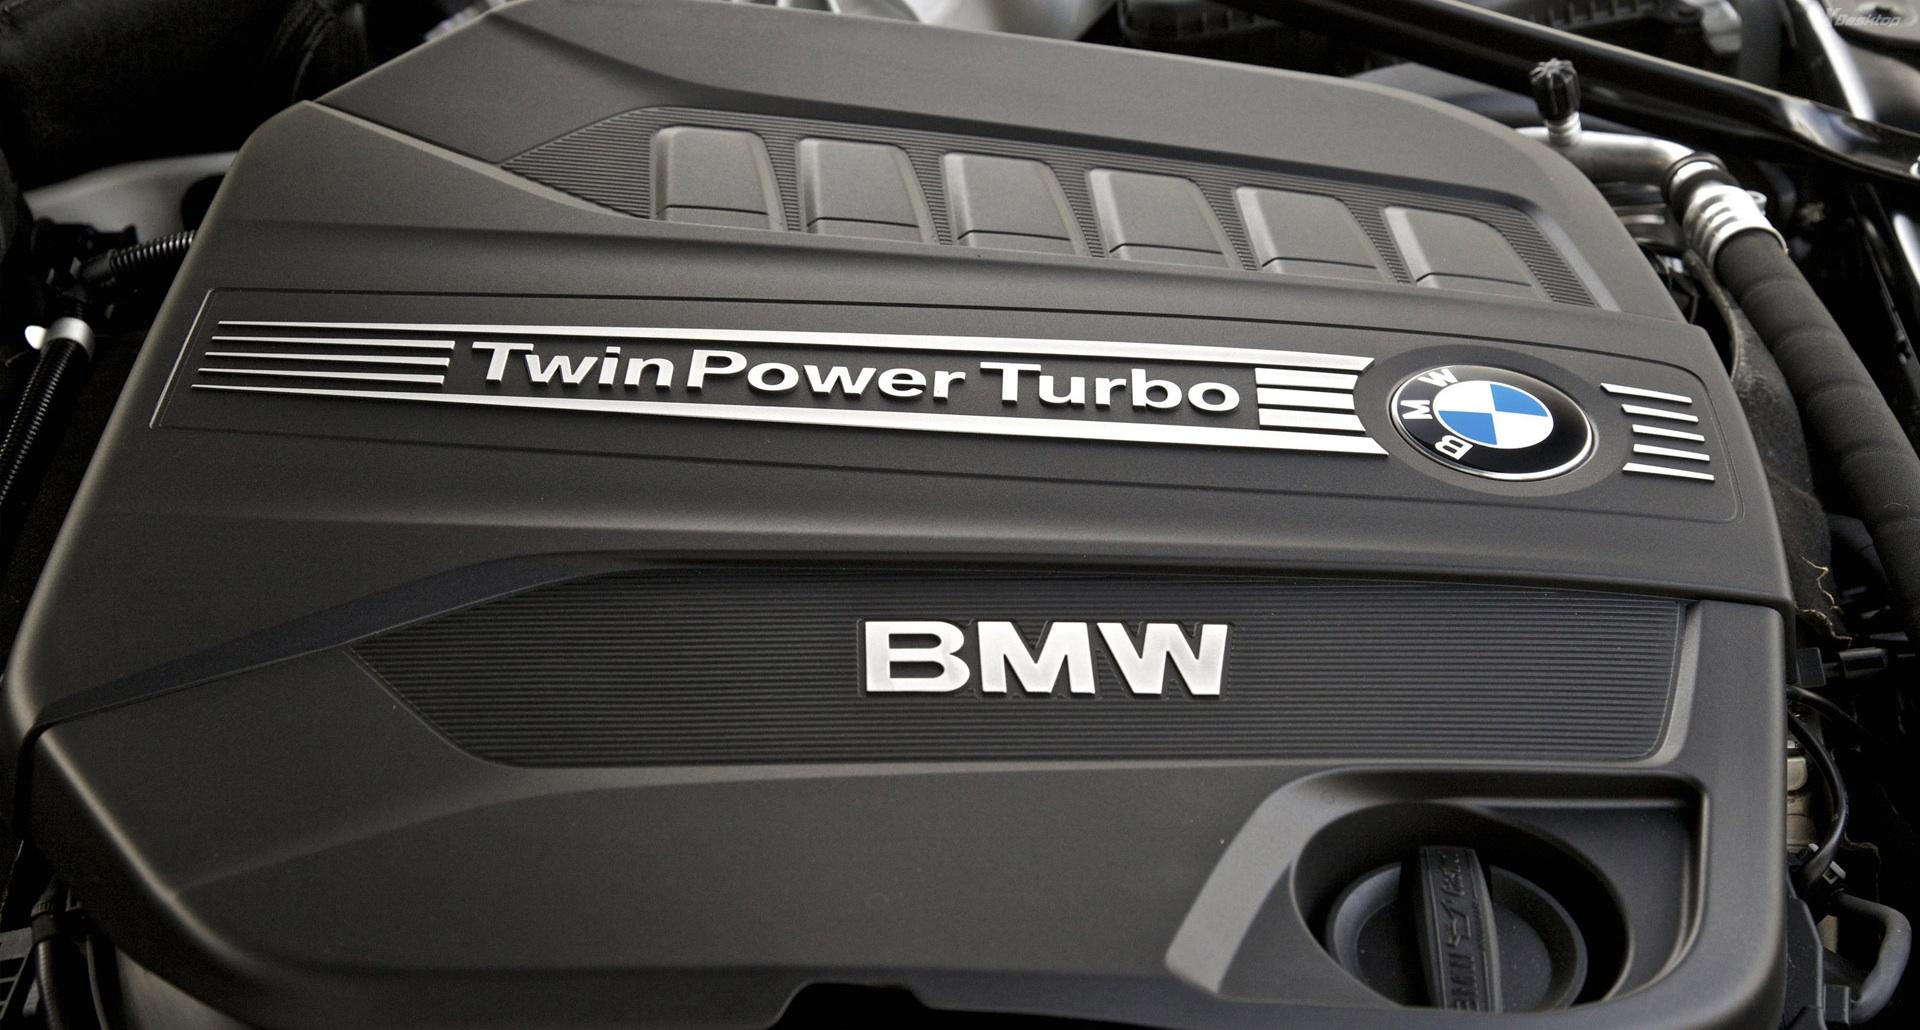 BMW dodaje još jedan turbo punjač 18d i 20d modelima